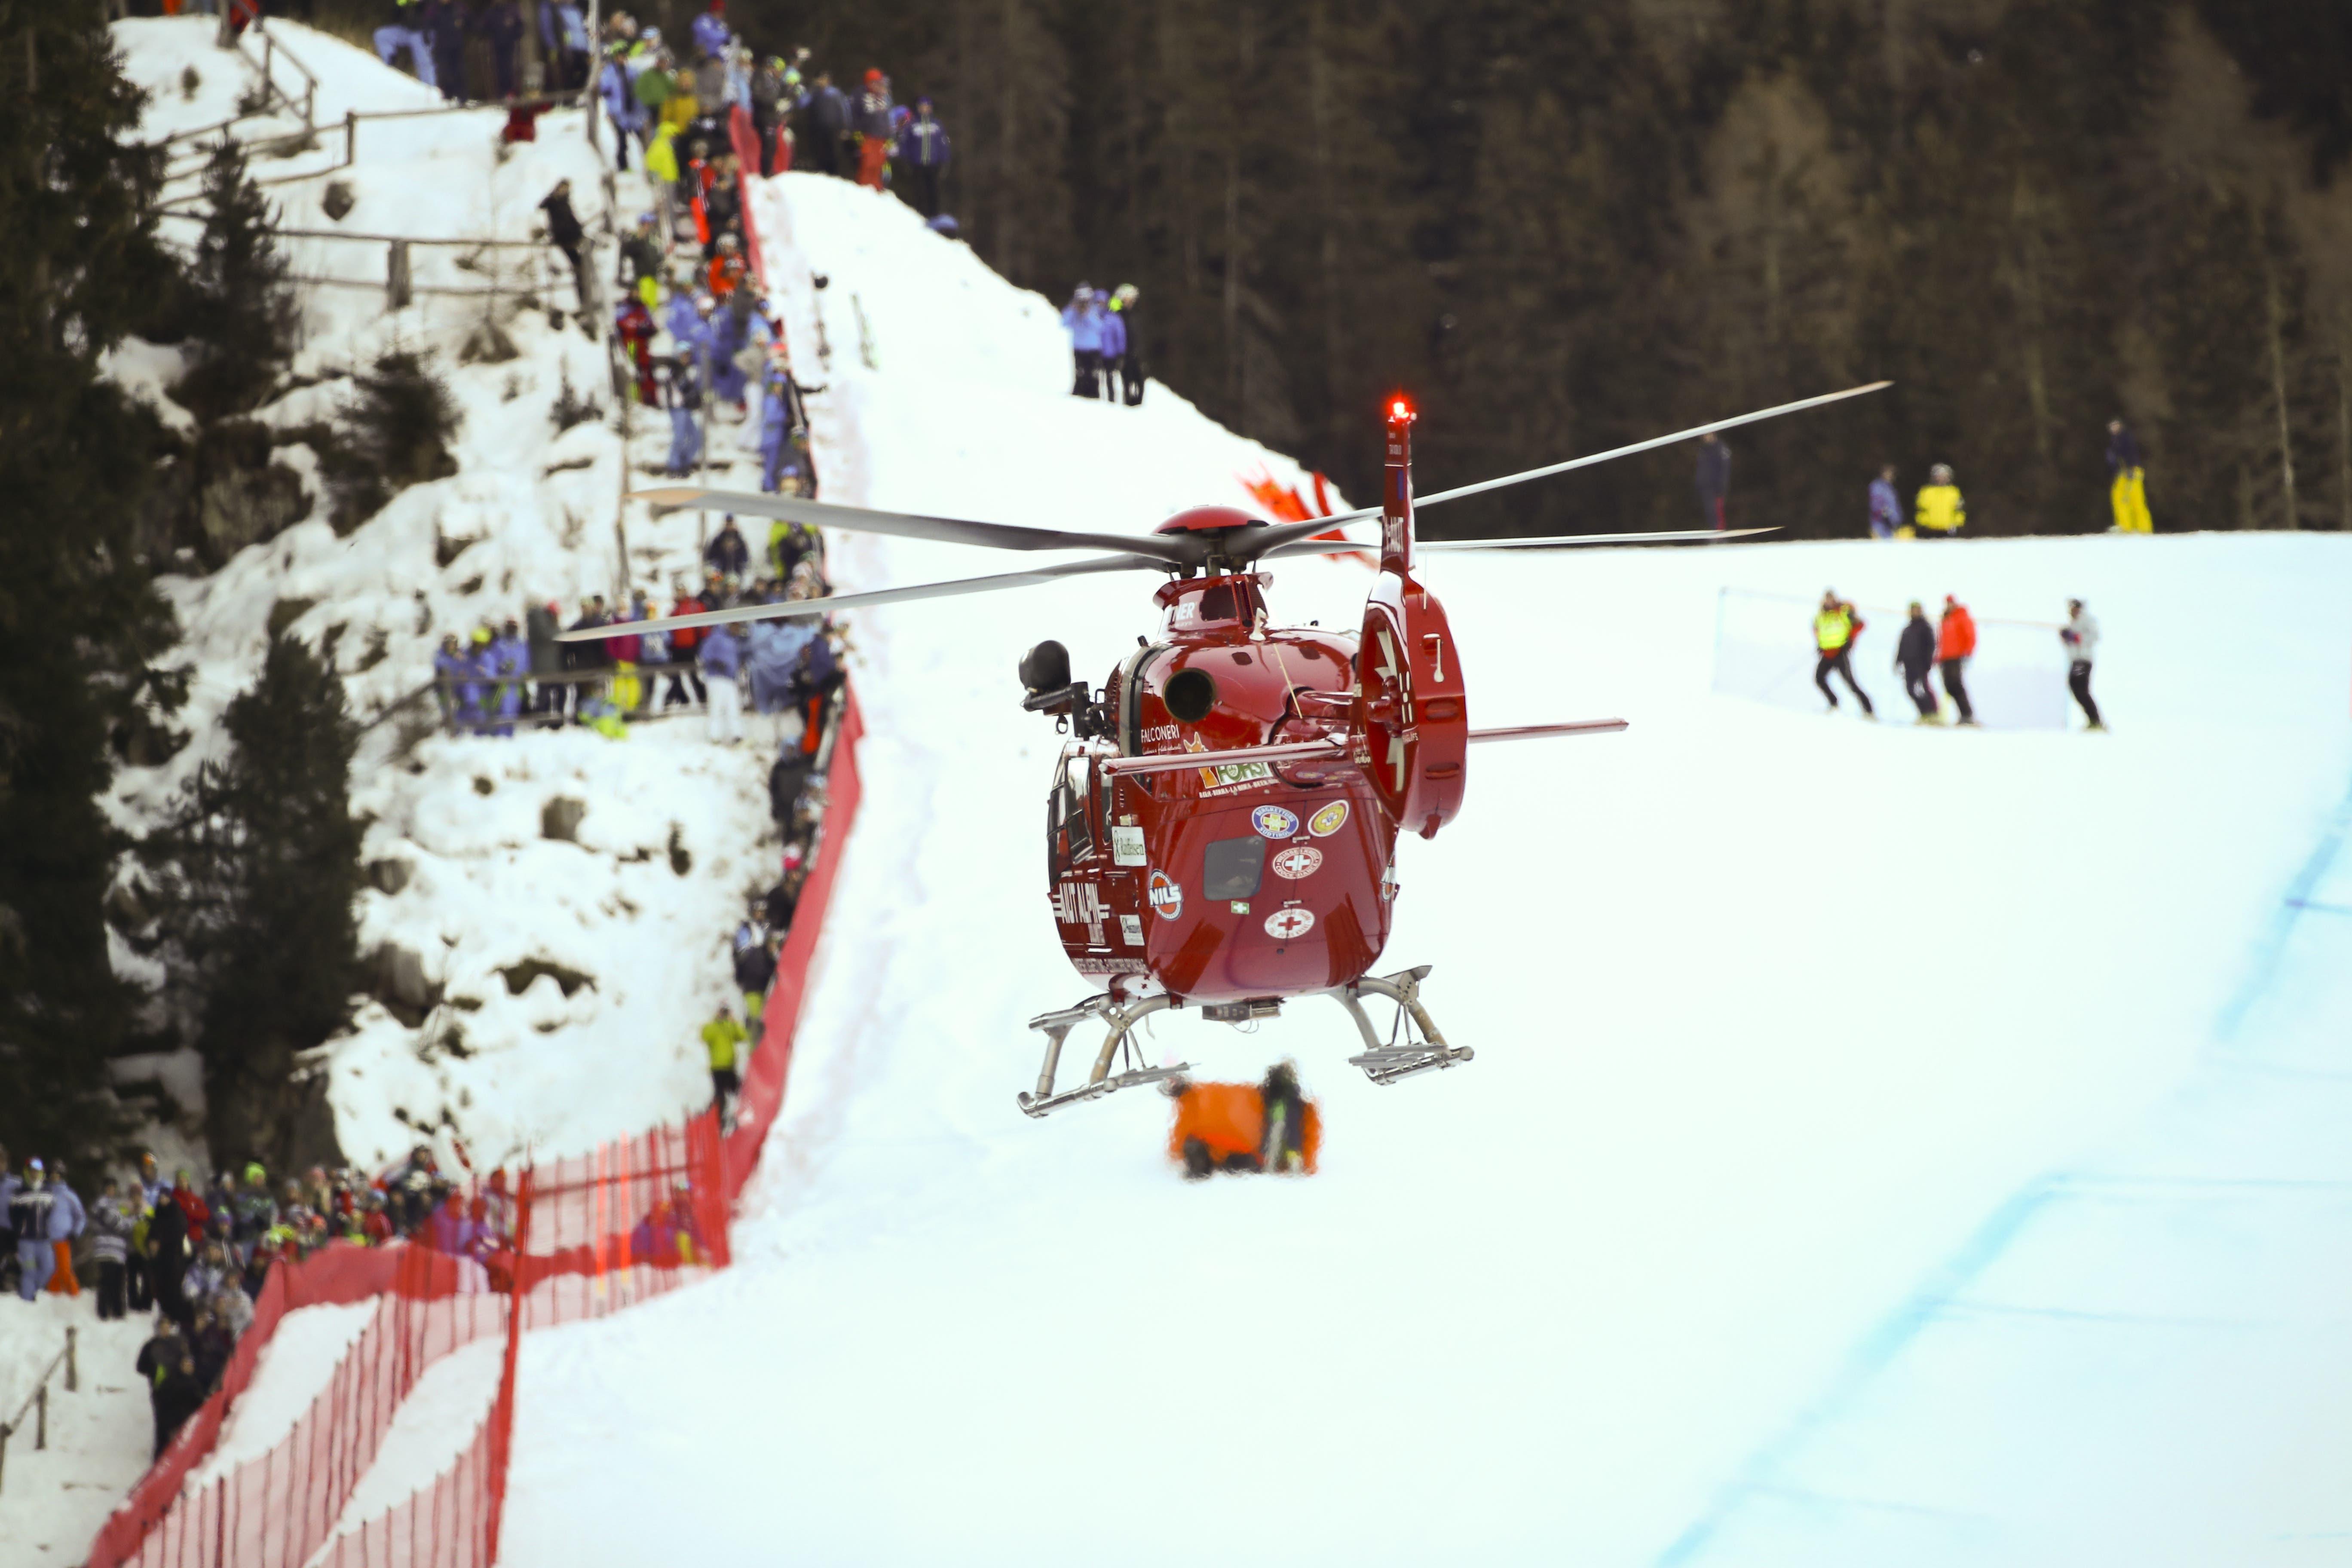 Die Rega hebt mit dem verletzten Marc Gisin an Bord ab, nachdem dieser am Weltcup 2018 in Val Gardena, Italien, gestürzt ist.